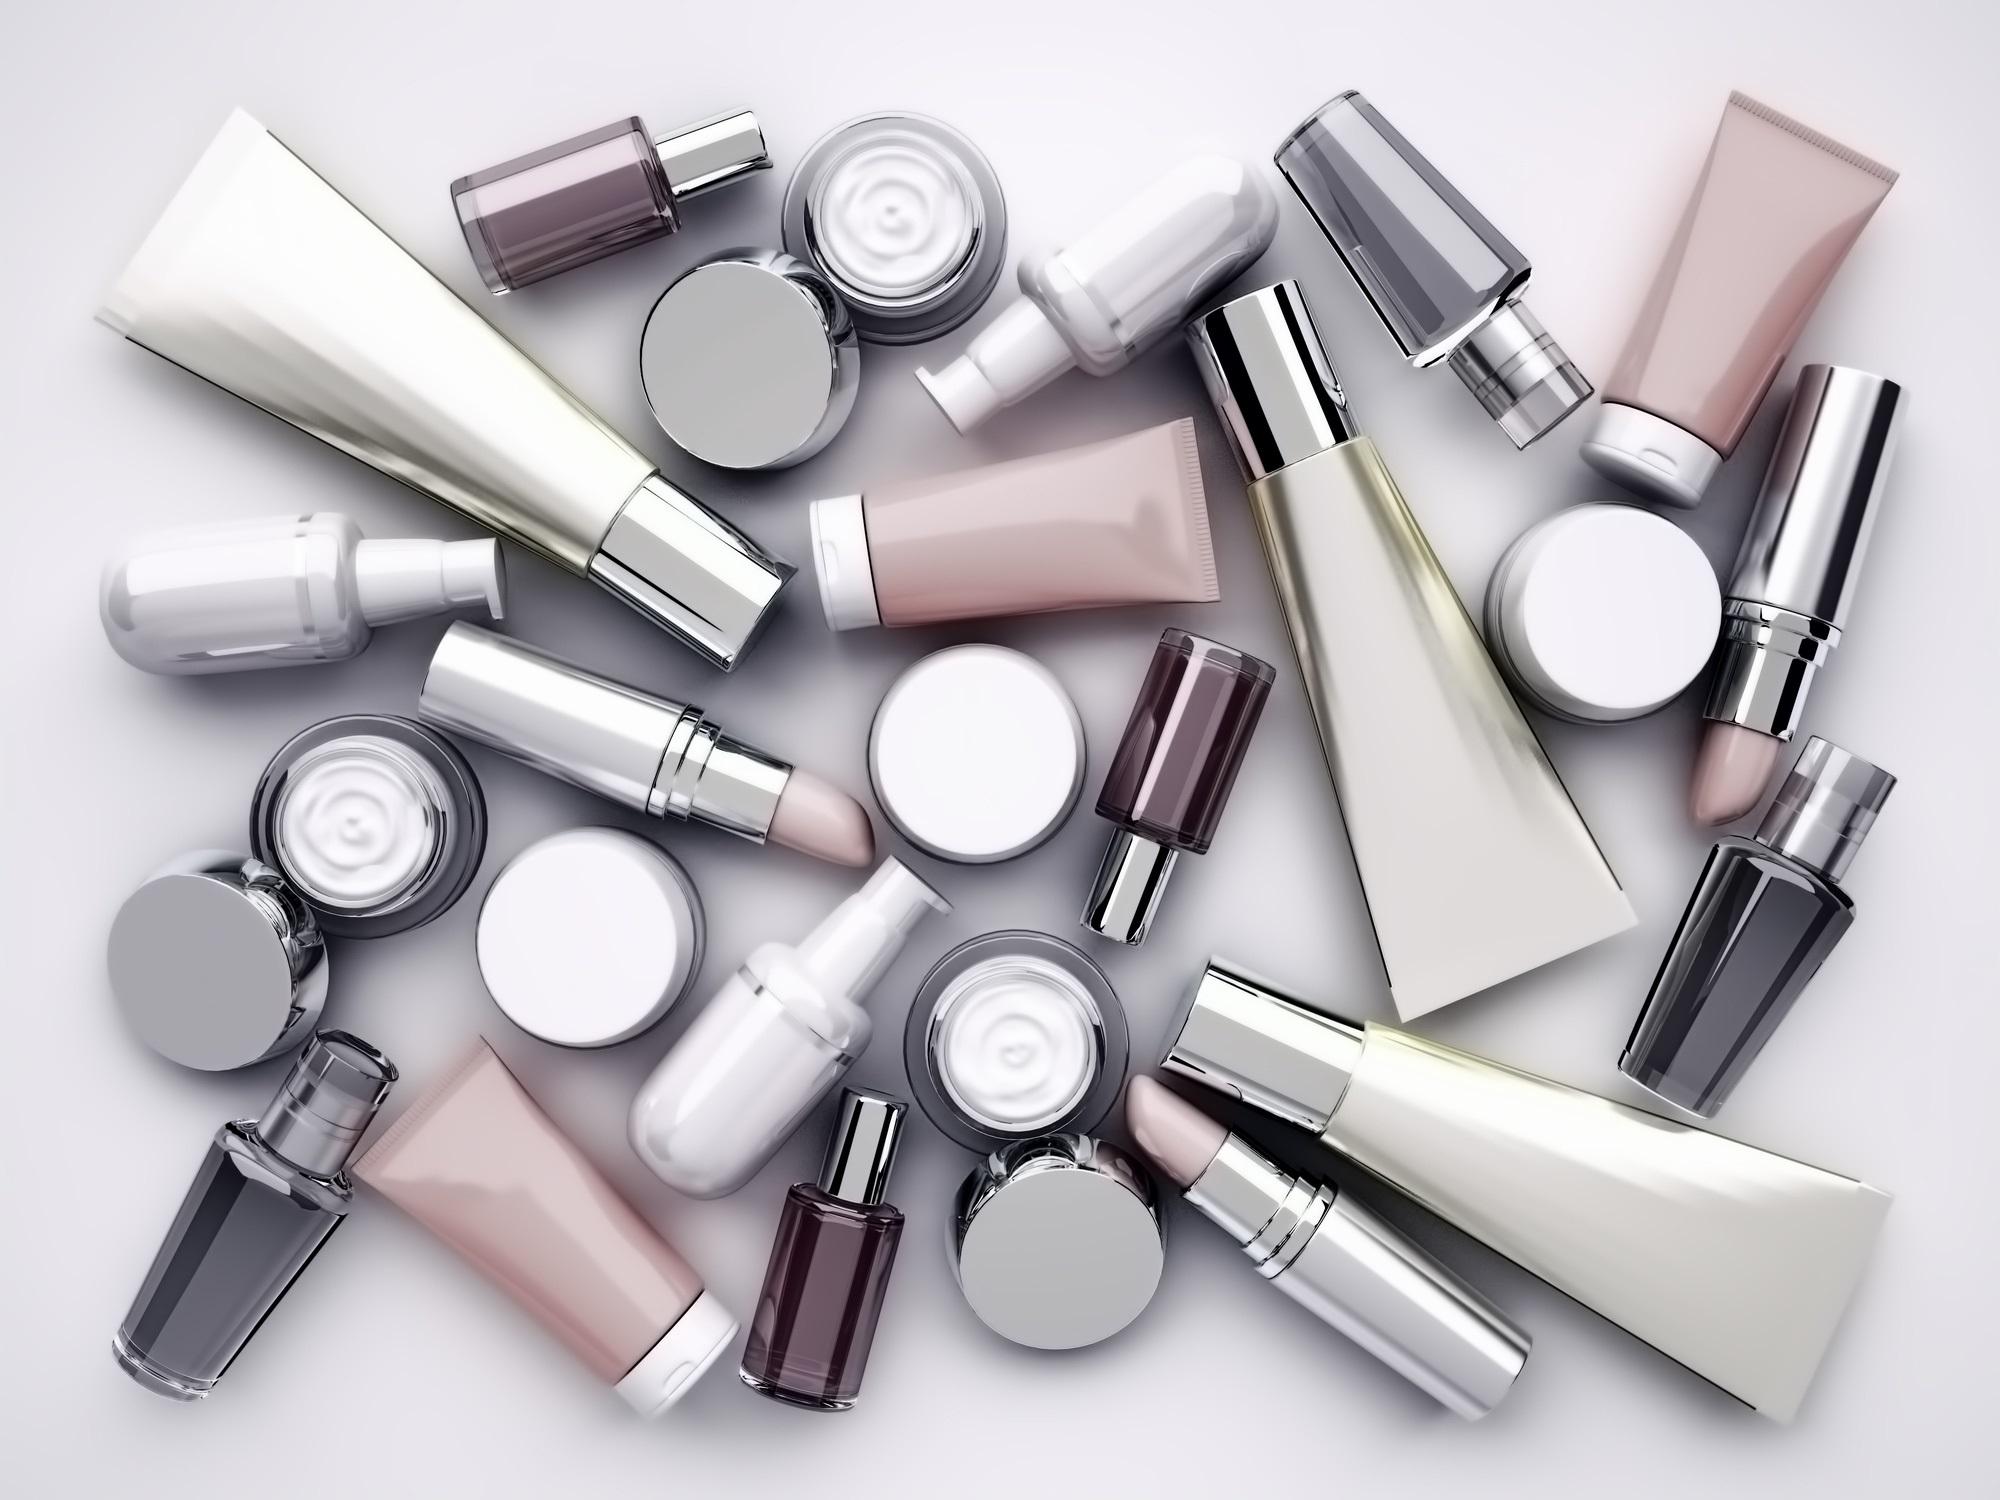 Cảnh báo: 5 hóa chất độc hại có thể ẩn nấp trong các sản phẩm chăm sóc da, tích lũy nhiều gây viêm da, rối loạn nội tiết, ung thư - Ảnh 4